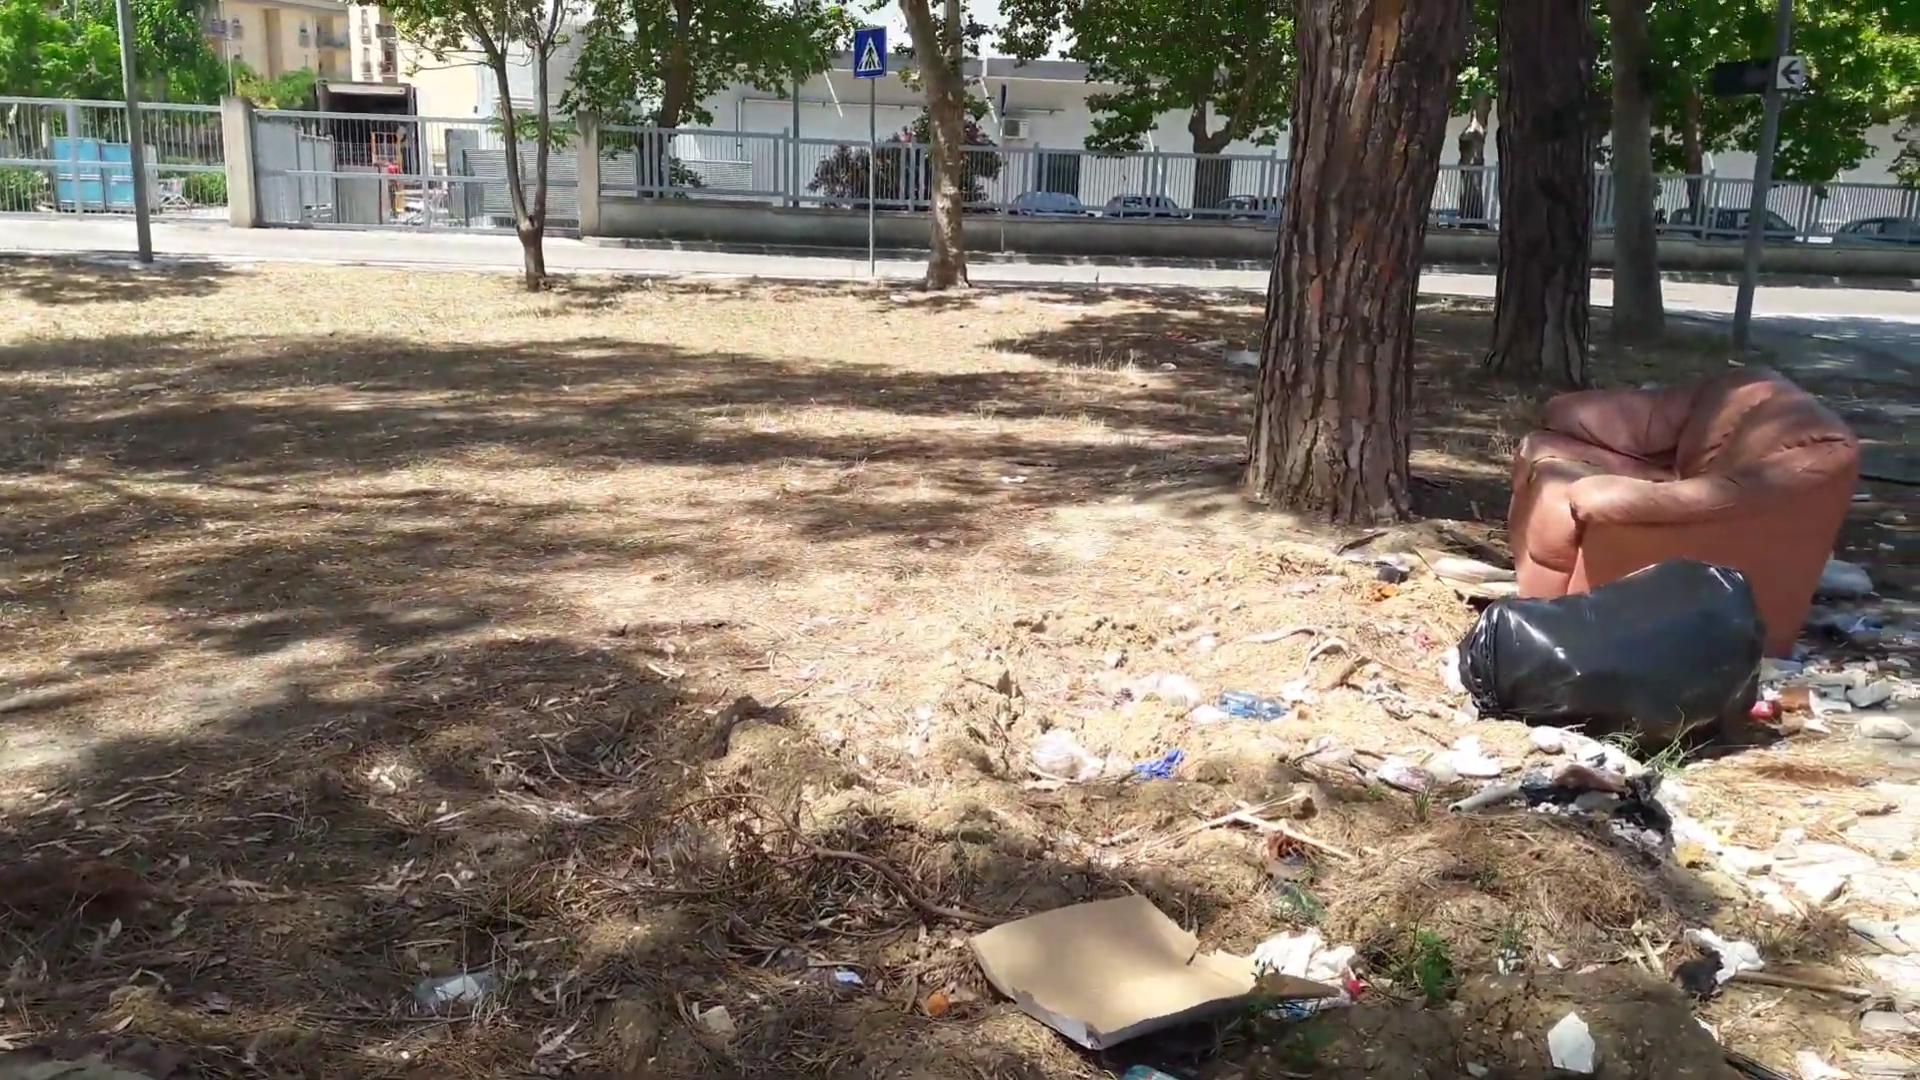 La città è di nuovo sporca e la differenziata scende al 47%. Che succede?